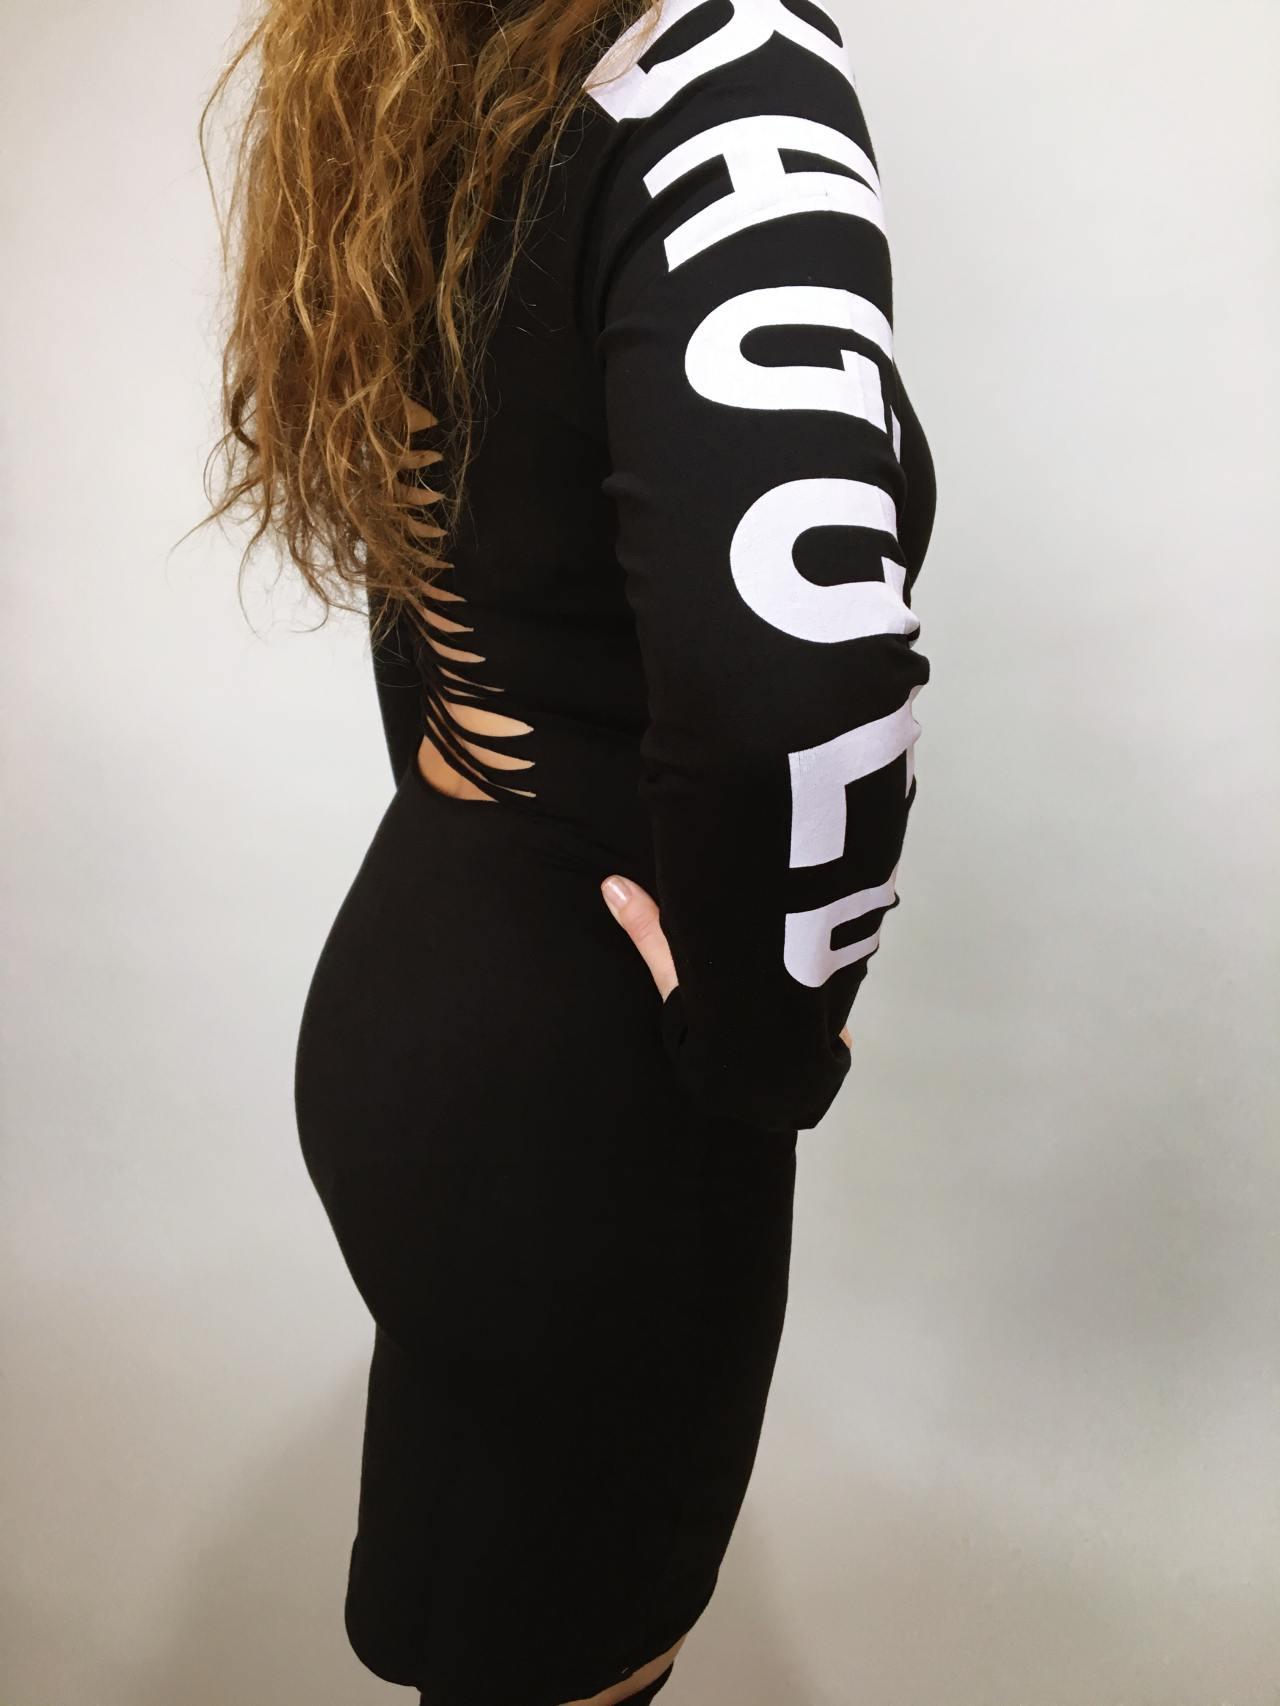 Šaty Bagged černé 02